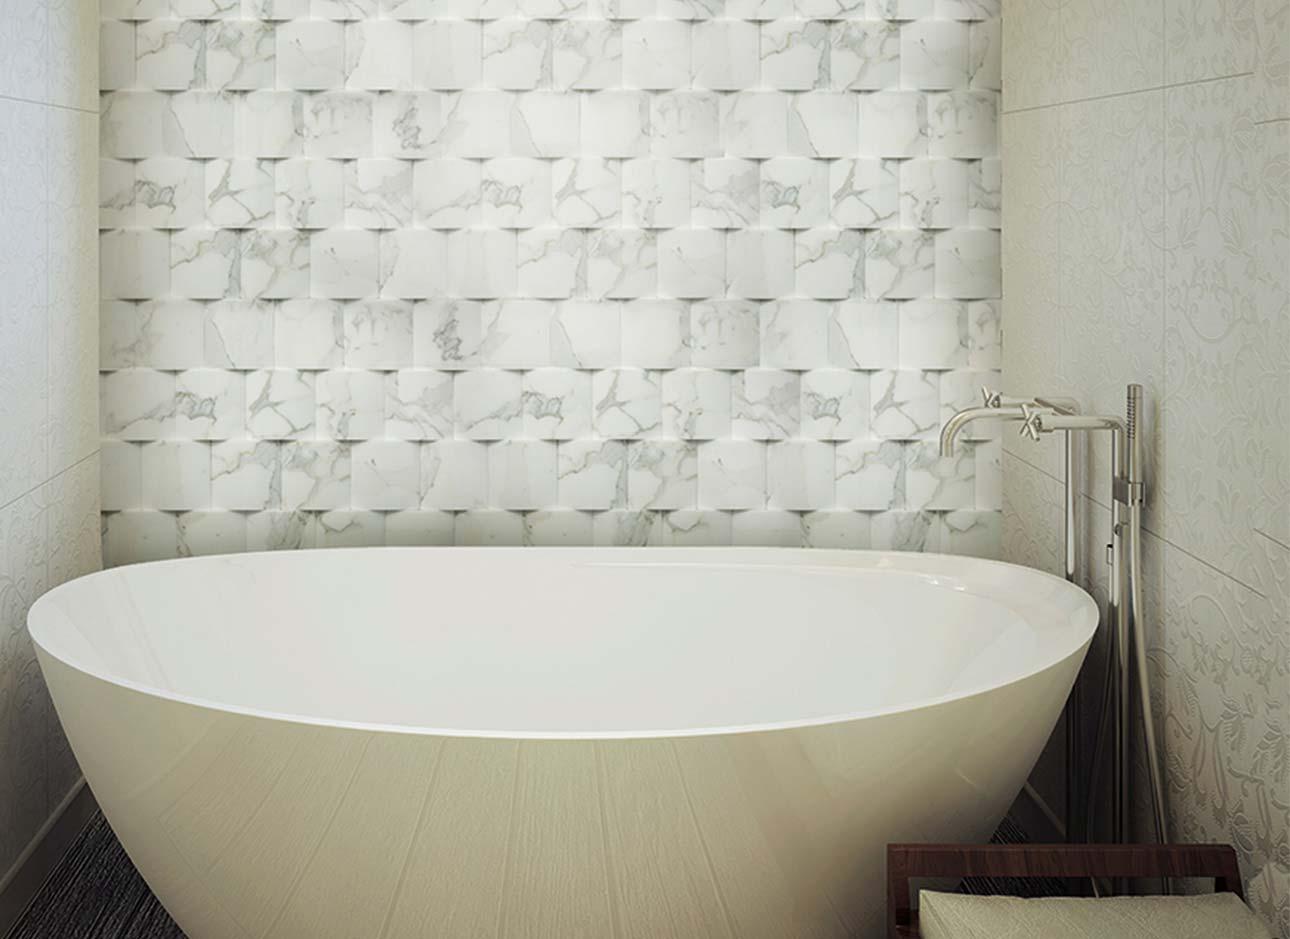 Realizzazioni in marmo pietra e travertino rielli - Rivestimento bagno marmo ...